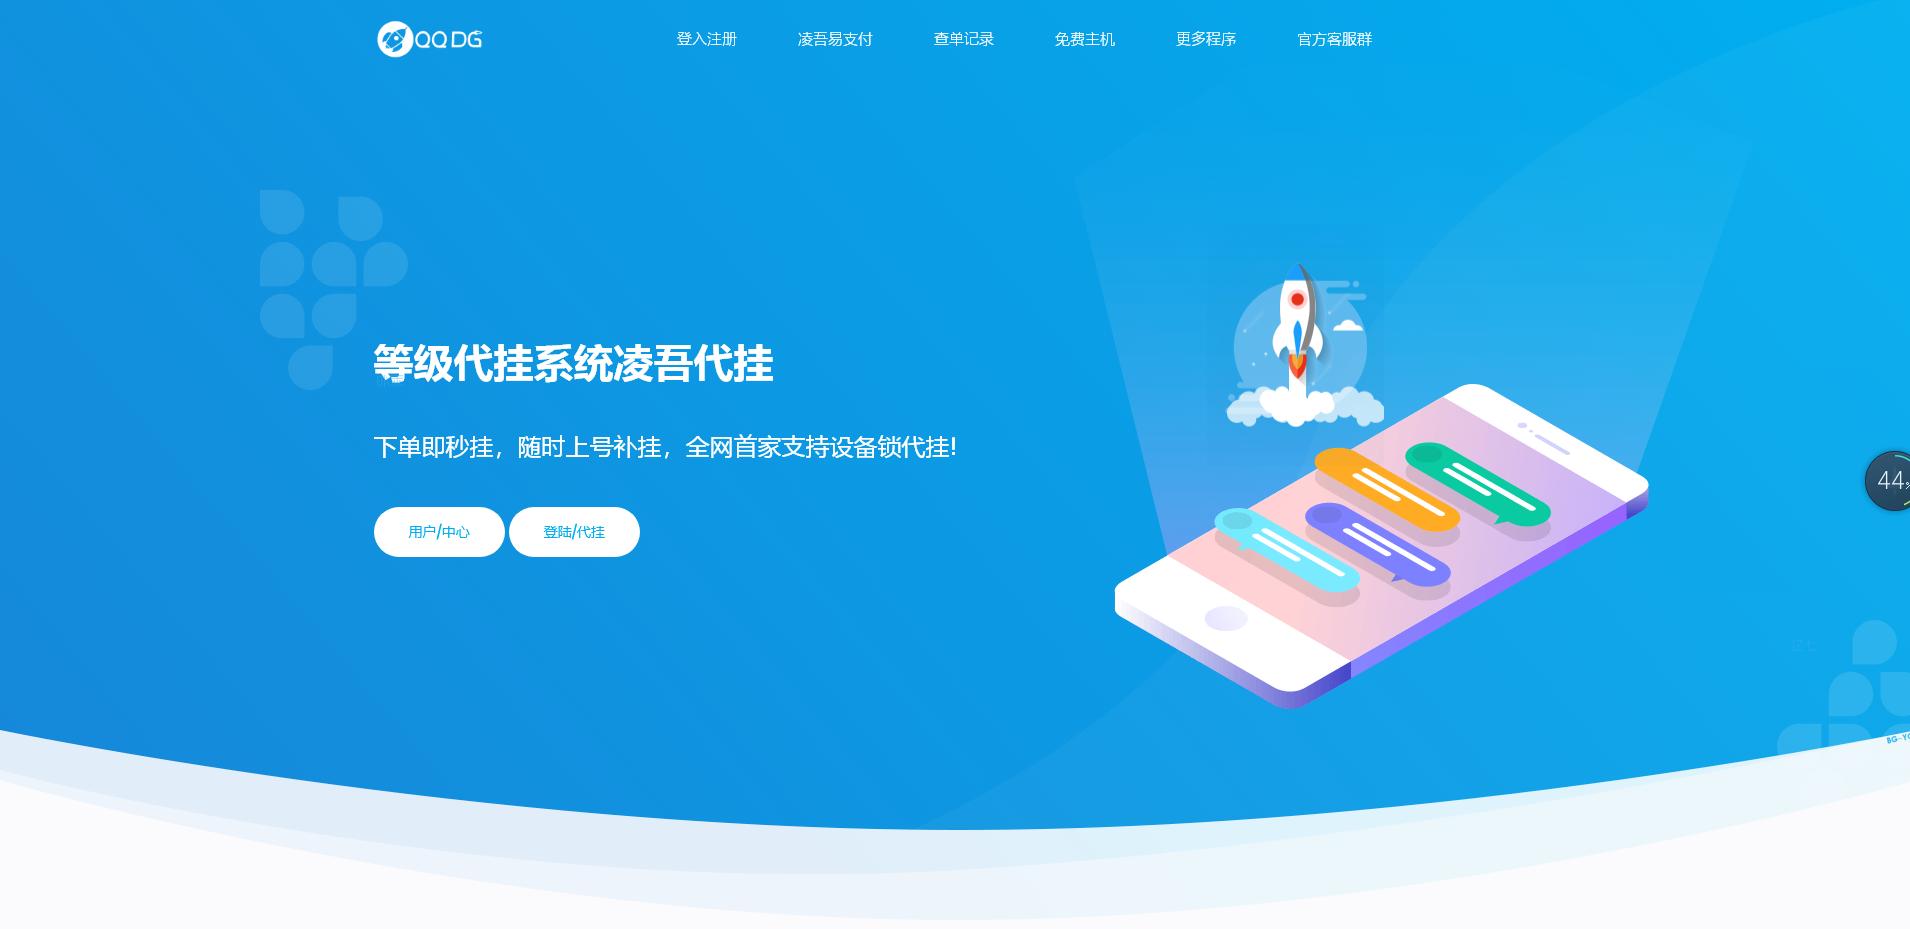 2019全新UI代挂网站源码,免费代挂源码开源发布,源码内附视频教程。